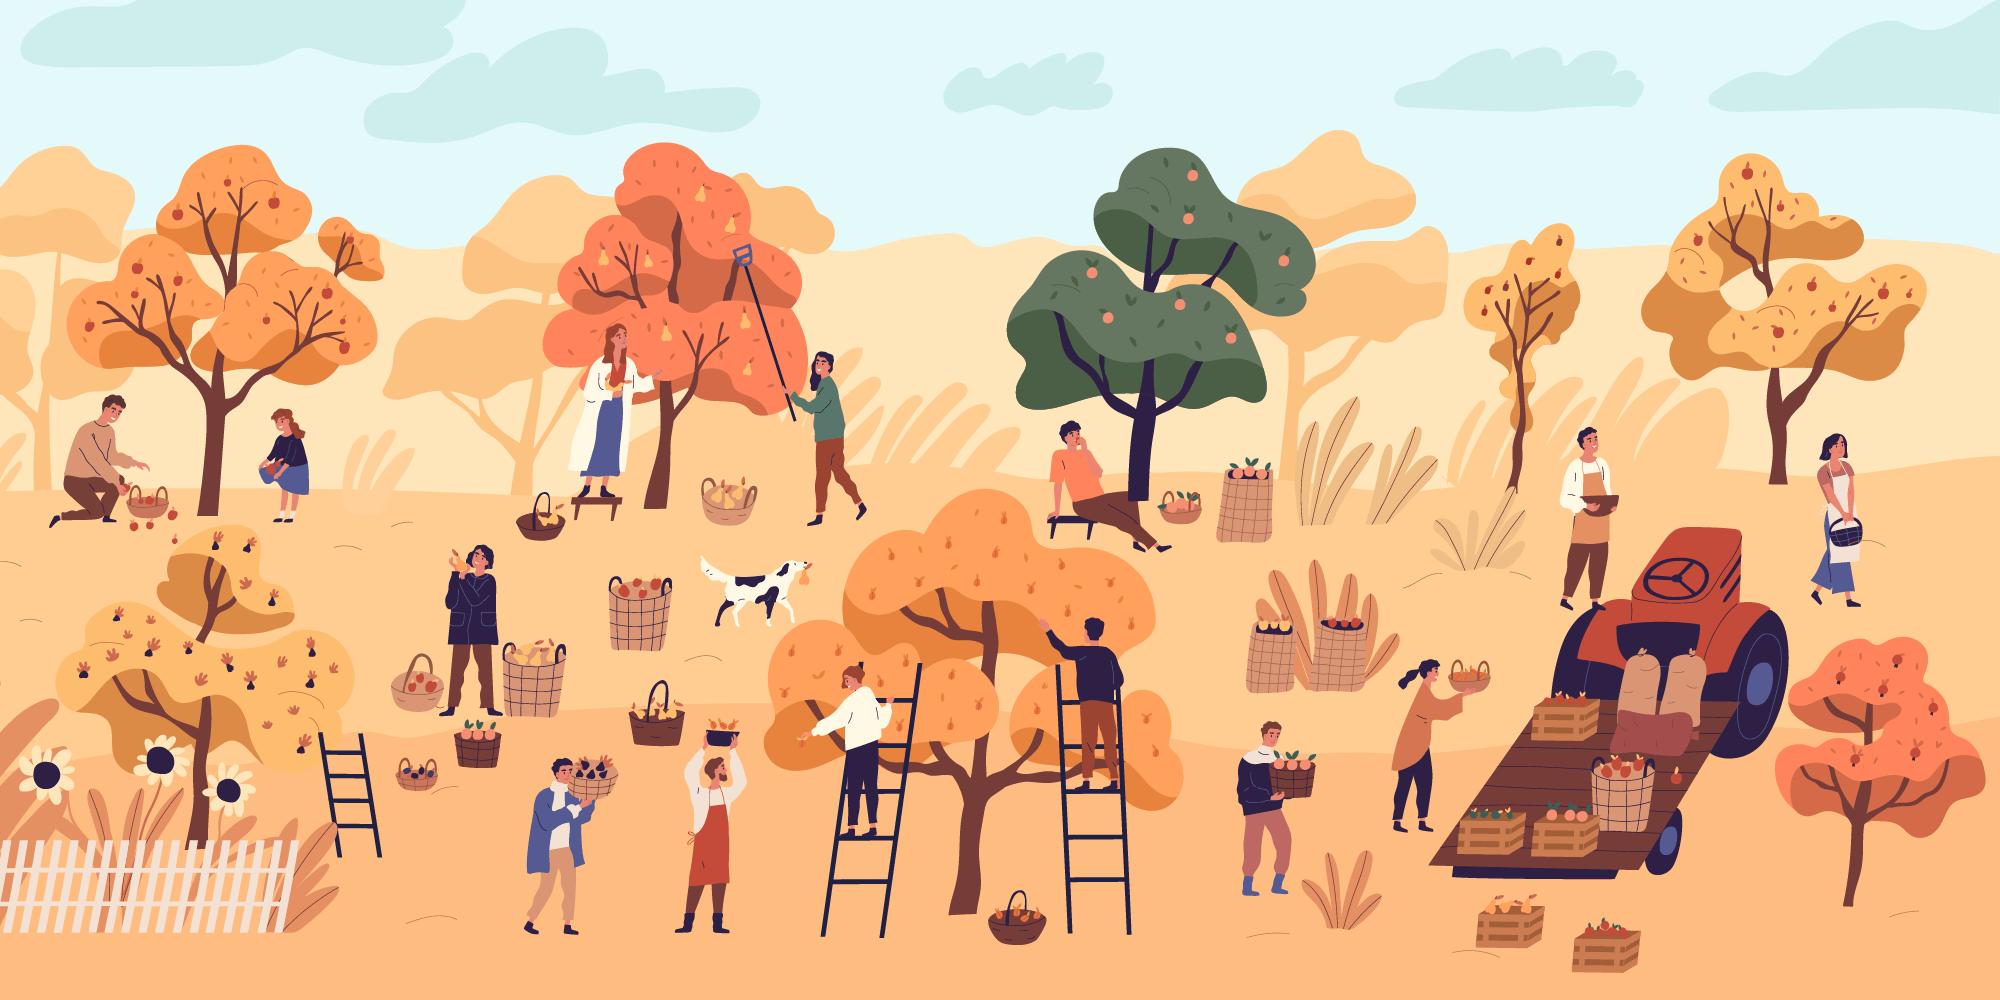 秋收風景插圖